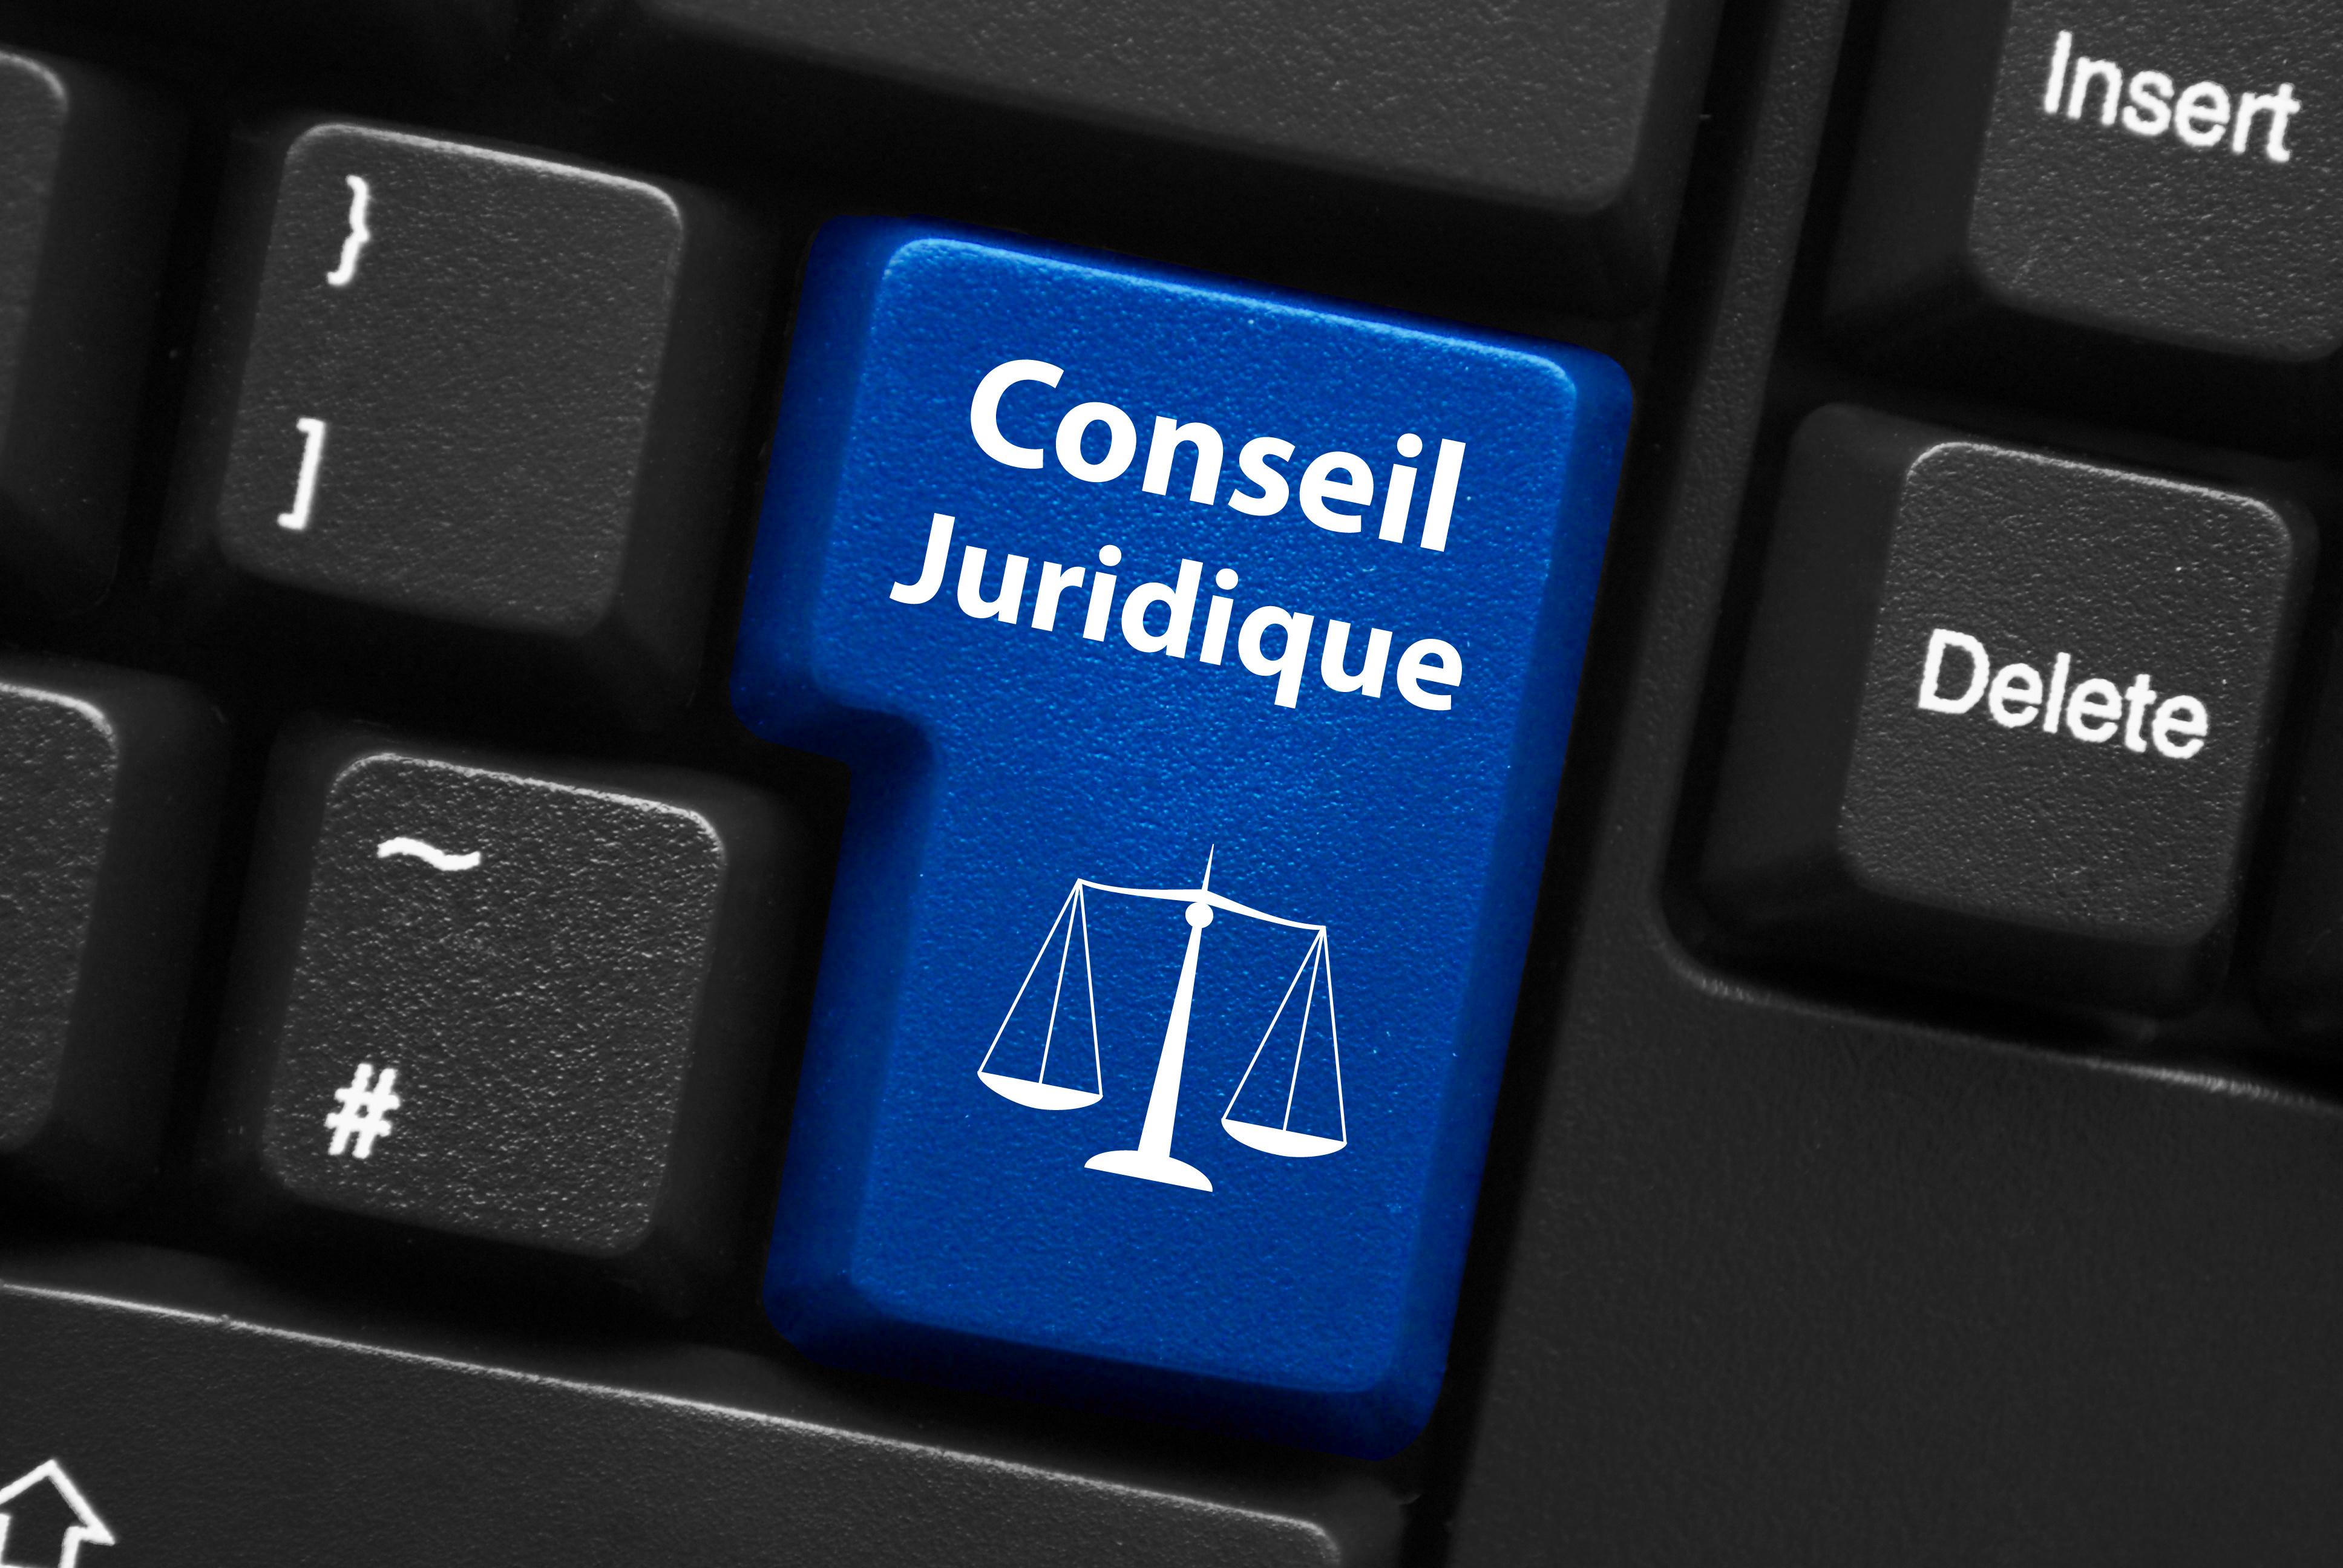 Cabinet Courteille Et Associes Touche Conseil Juridique Justice